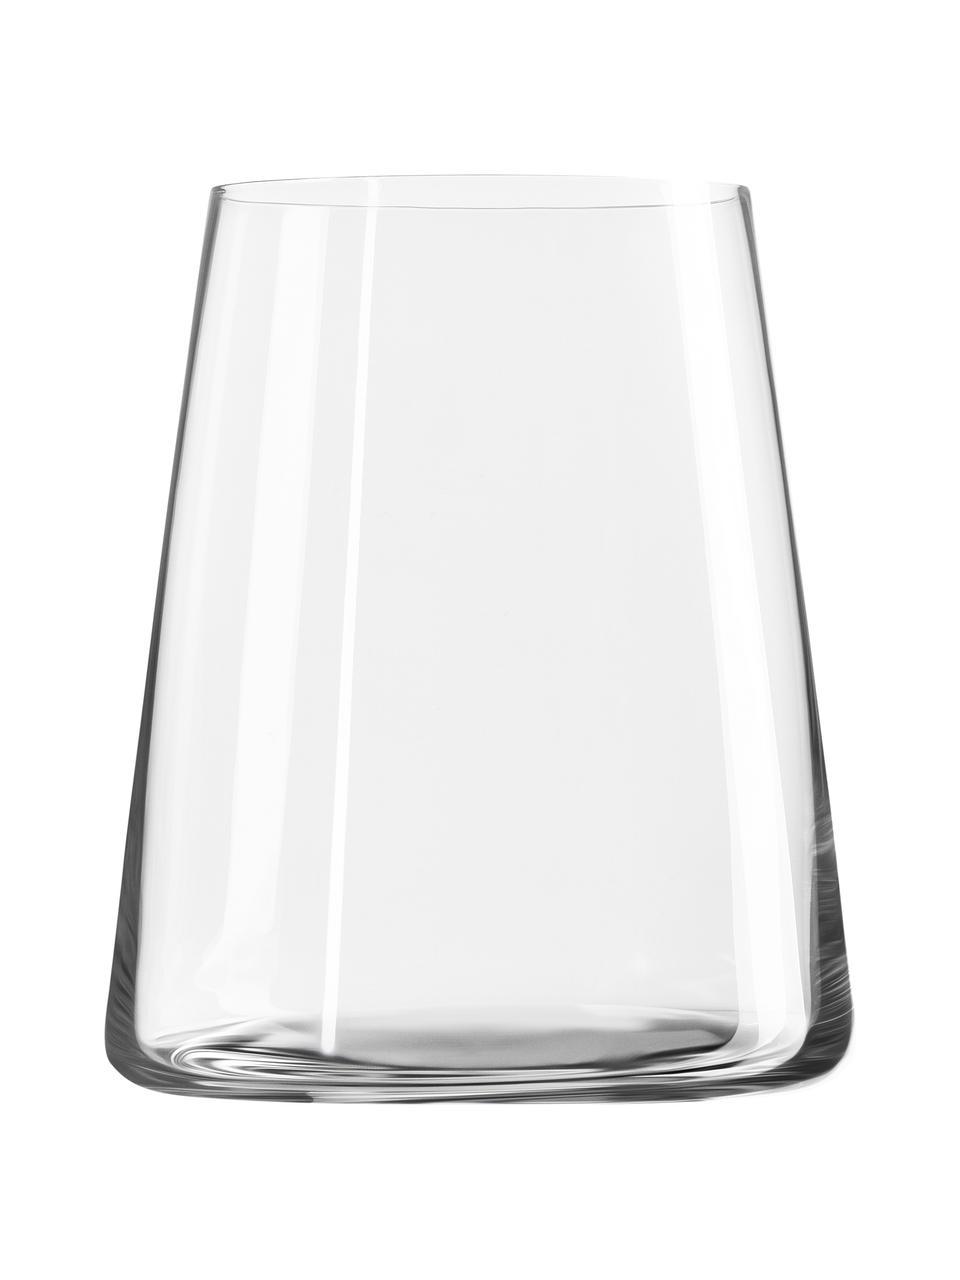 Křišťálová sklenice Power, 6 ks, Transparentní